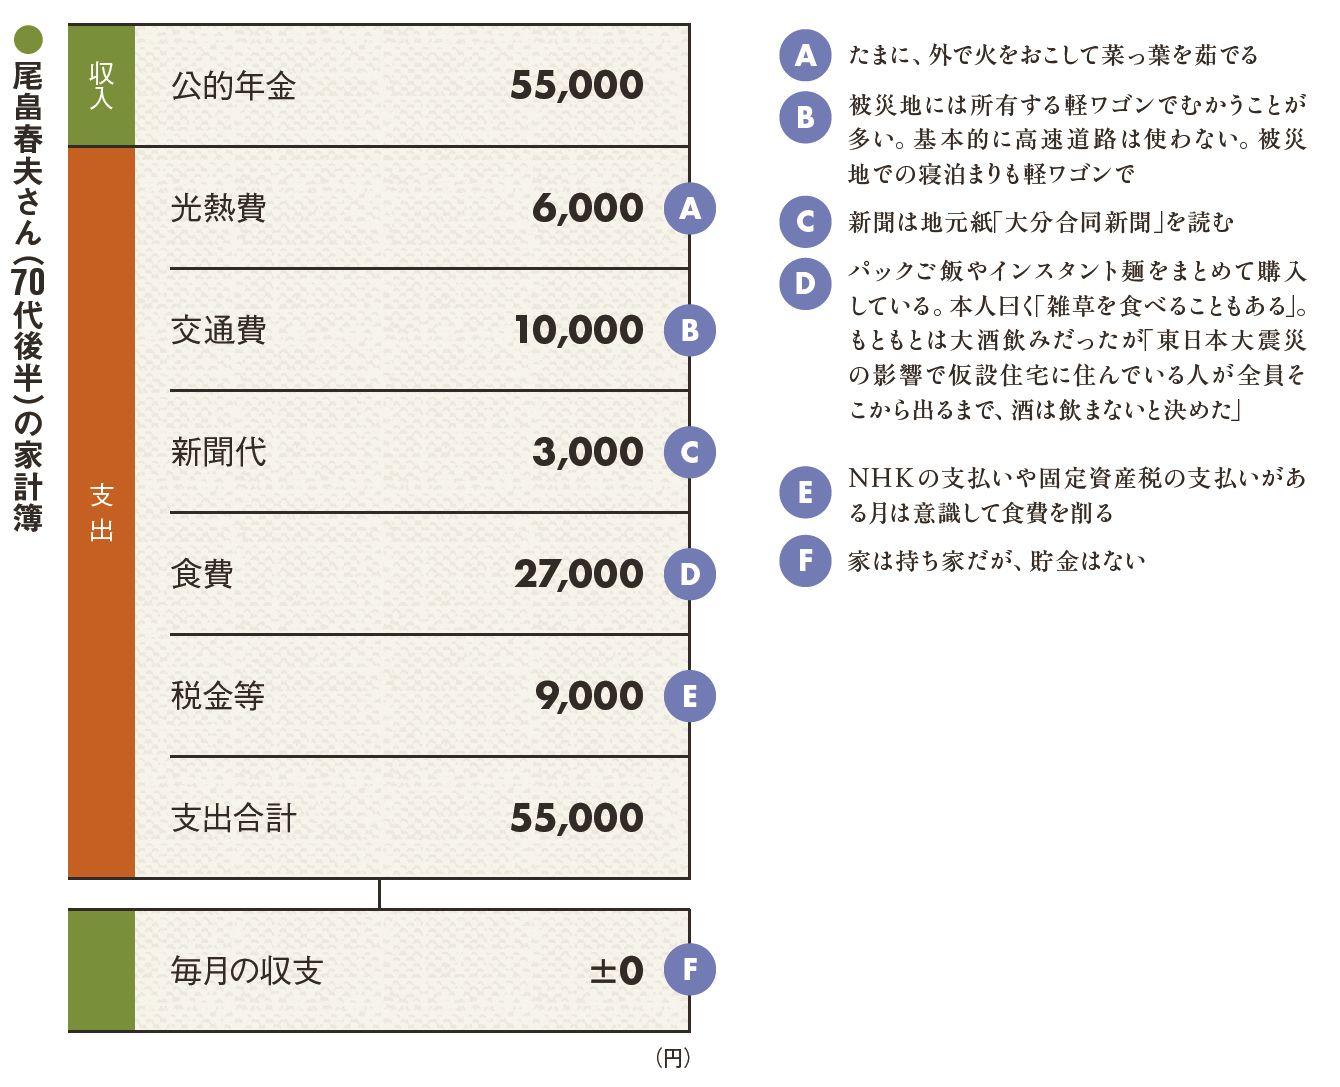 スーパーボランティア尾畠さん「月5万の年金しか収入は無いですよ。 雑草を食べてボランティアをしてます。」  [175746563]YouTube動画>3本 ->画像>16枚